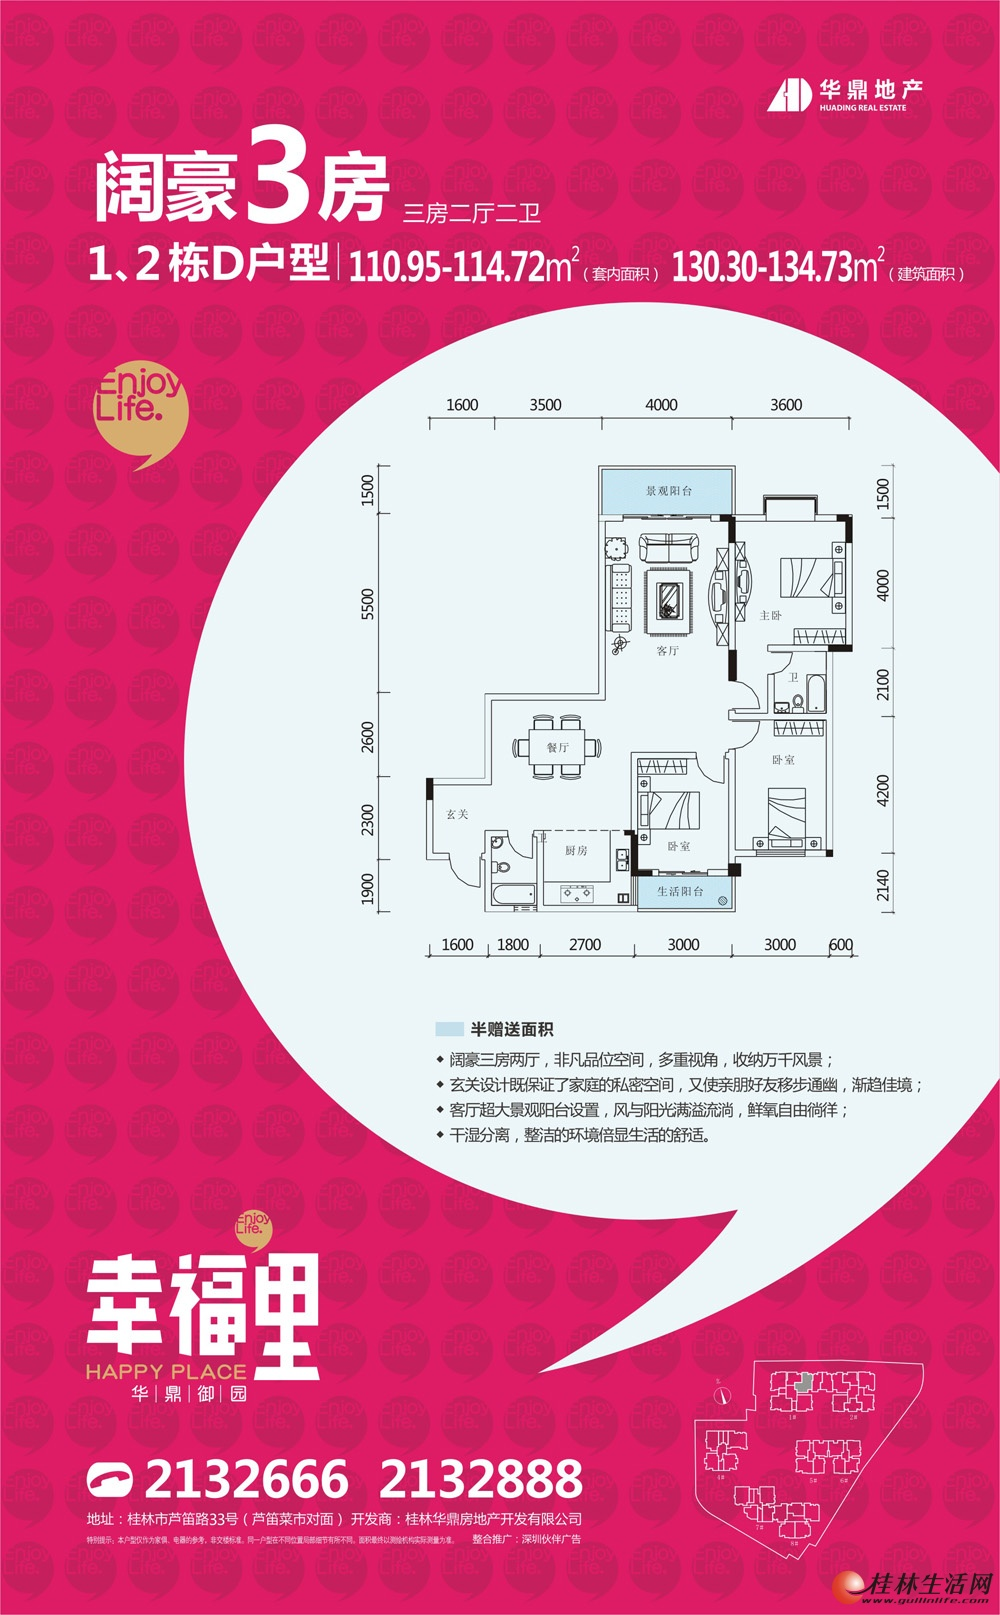 1、2栋D户型 三房两厅两卫 130.30-134.73㎡